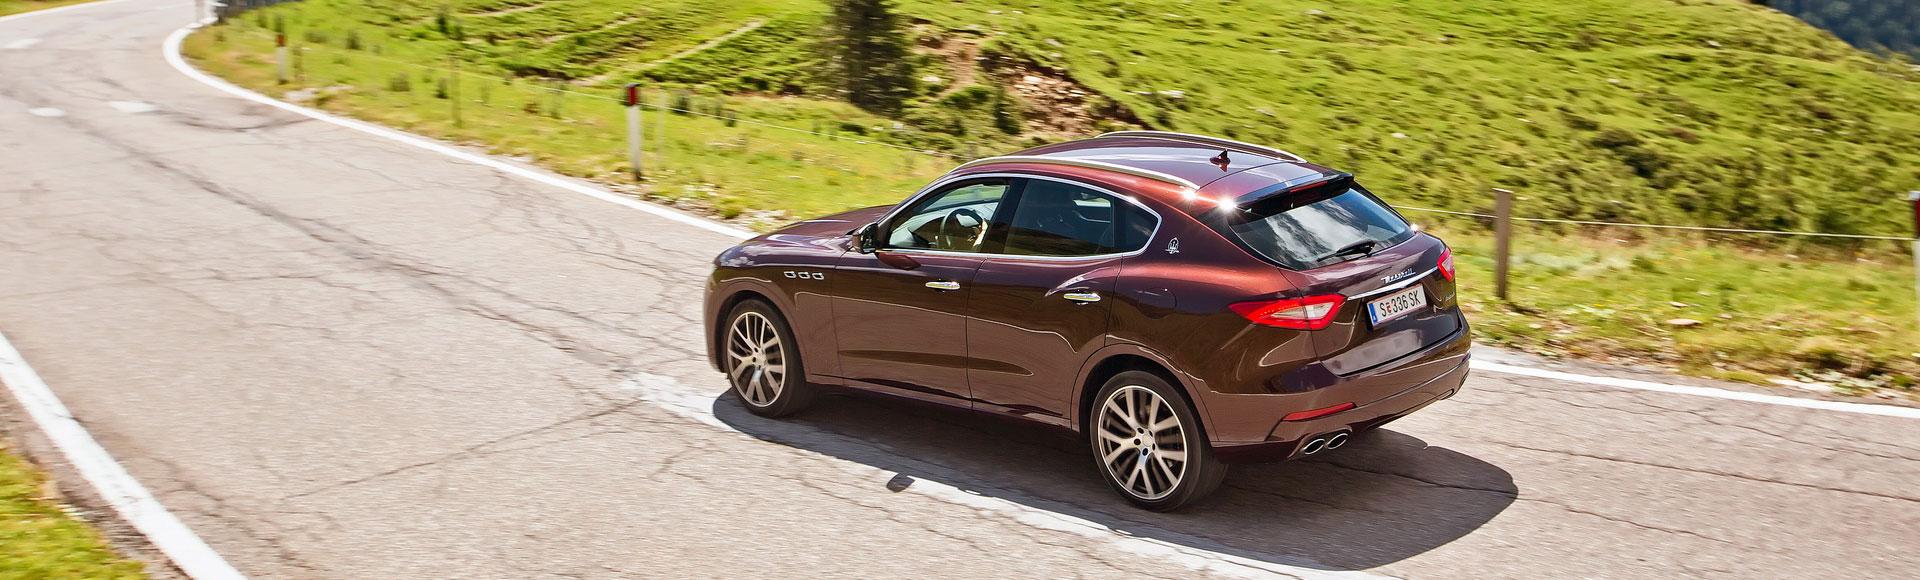 Maserati Levante 2016 853 Sommer Herbst